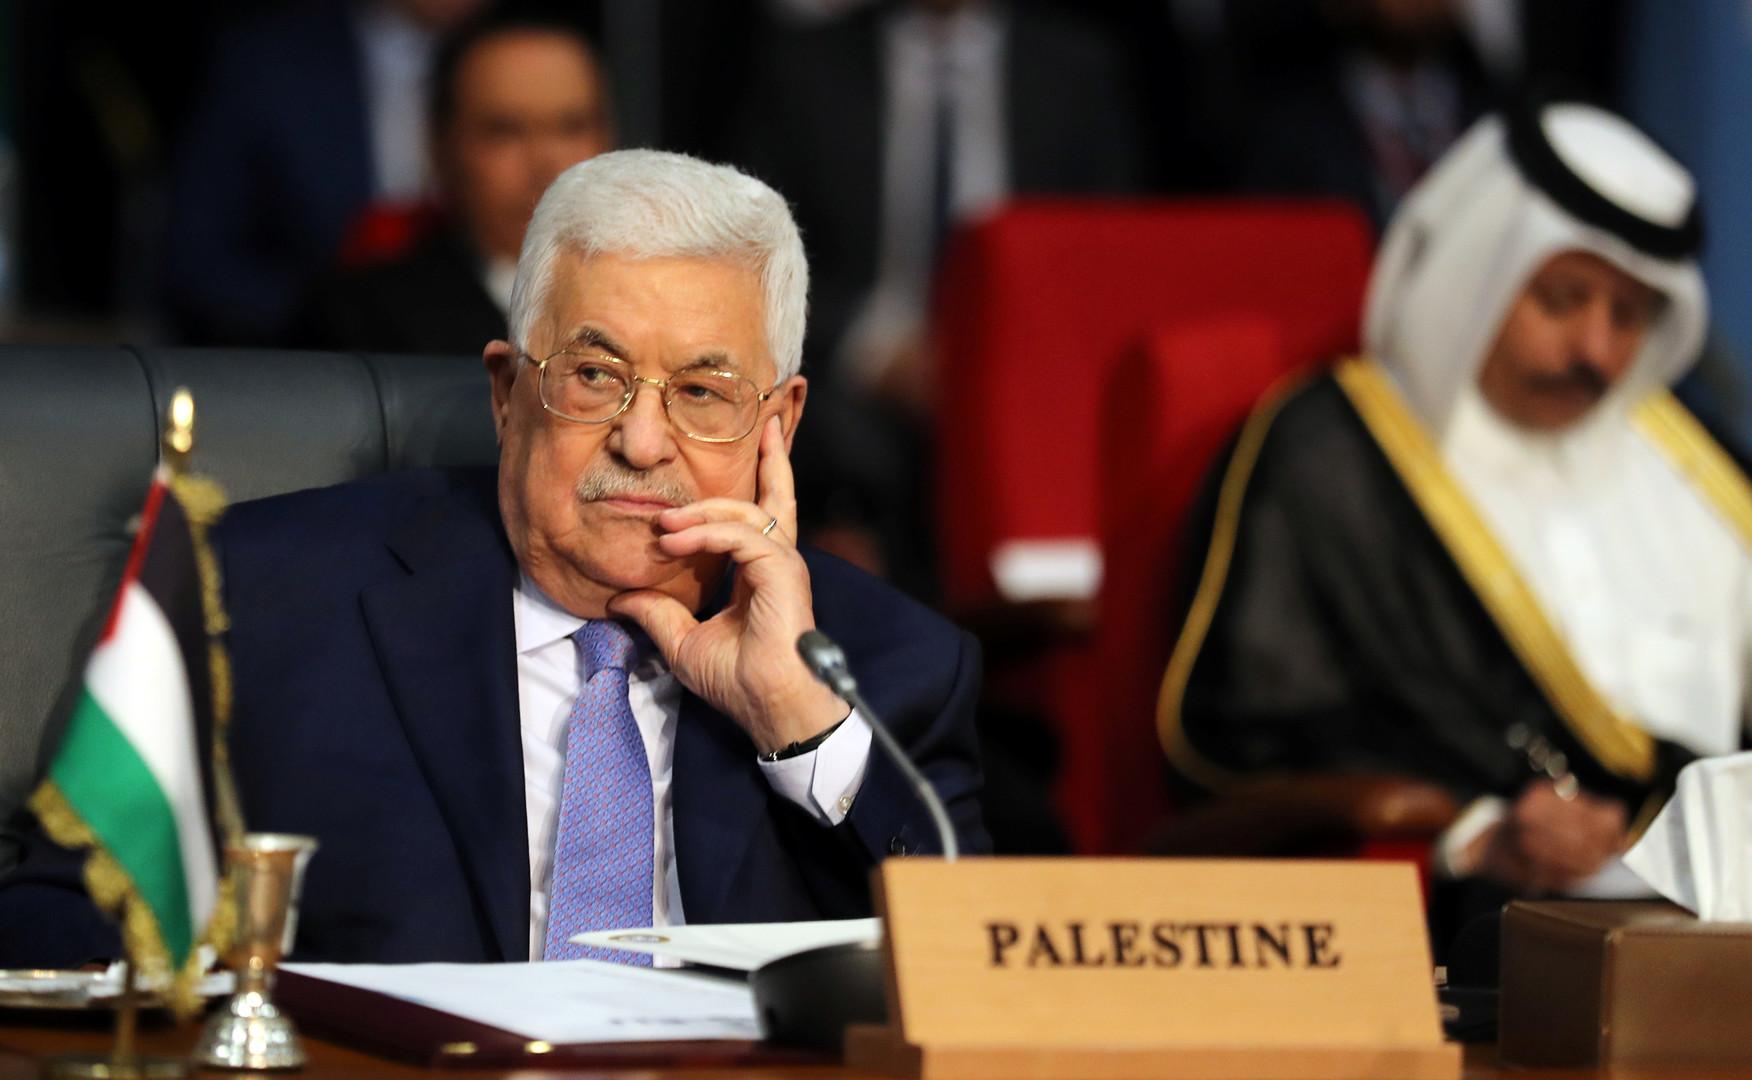 الرئيس الفلسطيني محمود عباس.jpg2  - عباس: الاتفاقات مع إسرائيل ستعتبر منتهية حال فرض سيادتها على أي جزء بفلسطين